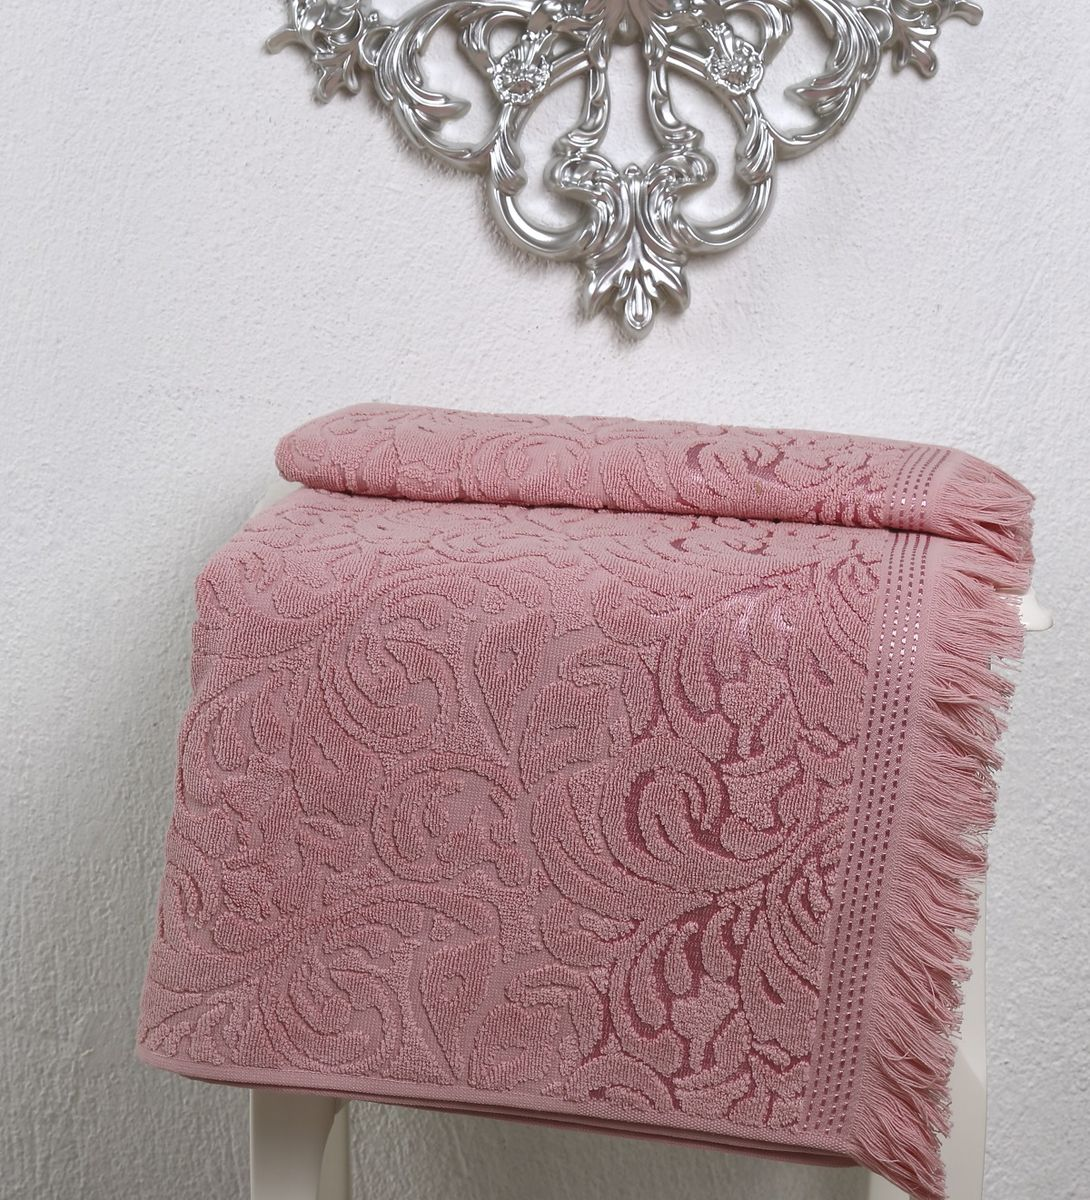 Полотенце Karna Esra, цвет: розовый, 50 х 90 см10503Махровое полотенце Karna Esra выполнено из 100% хлопка. Оно прекрасно впитывает влагу и быстро сохнет. Повсему полотенцу имеется привлекательный узор. По канту полотенца имеется нежная бахрома. Махровое полотенце из натурального хлопка, обладает гигиеническими качествами, очень мягкое, с объемнымравномерным ворсом, приятное на ощупь и к телу. Размер: 50 х 90 см.